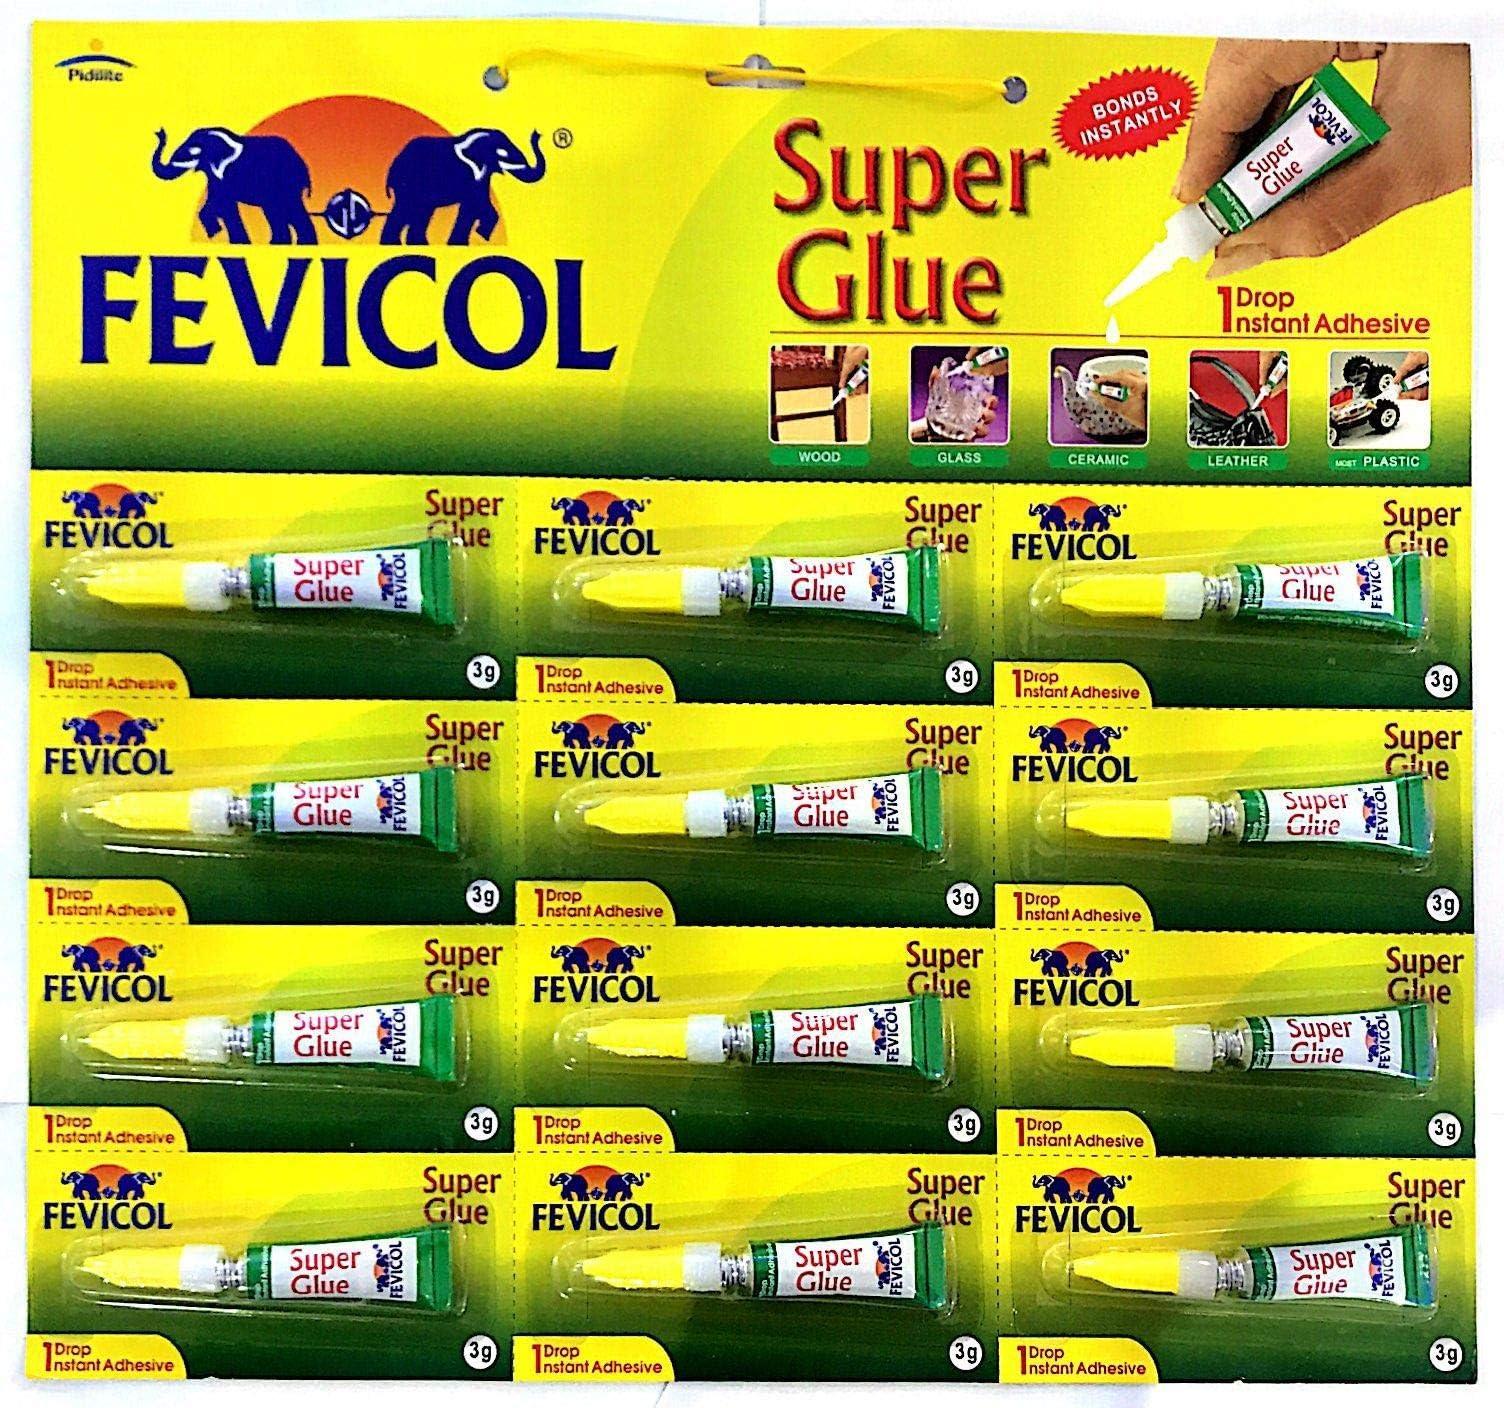 Super Glue 1 Drop Instant Adhesive 3g X 12 Nos Pidilite Fevicol Price In Uae Amazon Uae Kanbkam